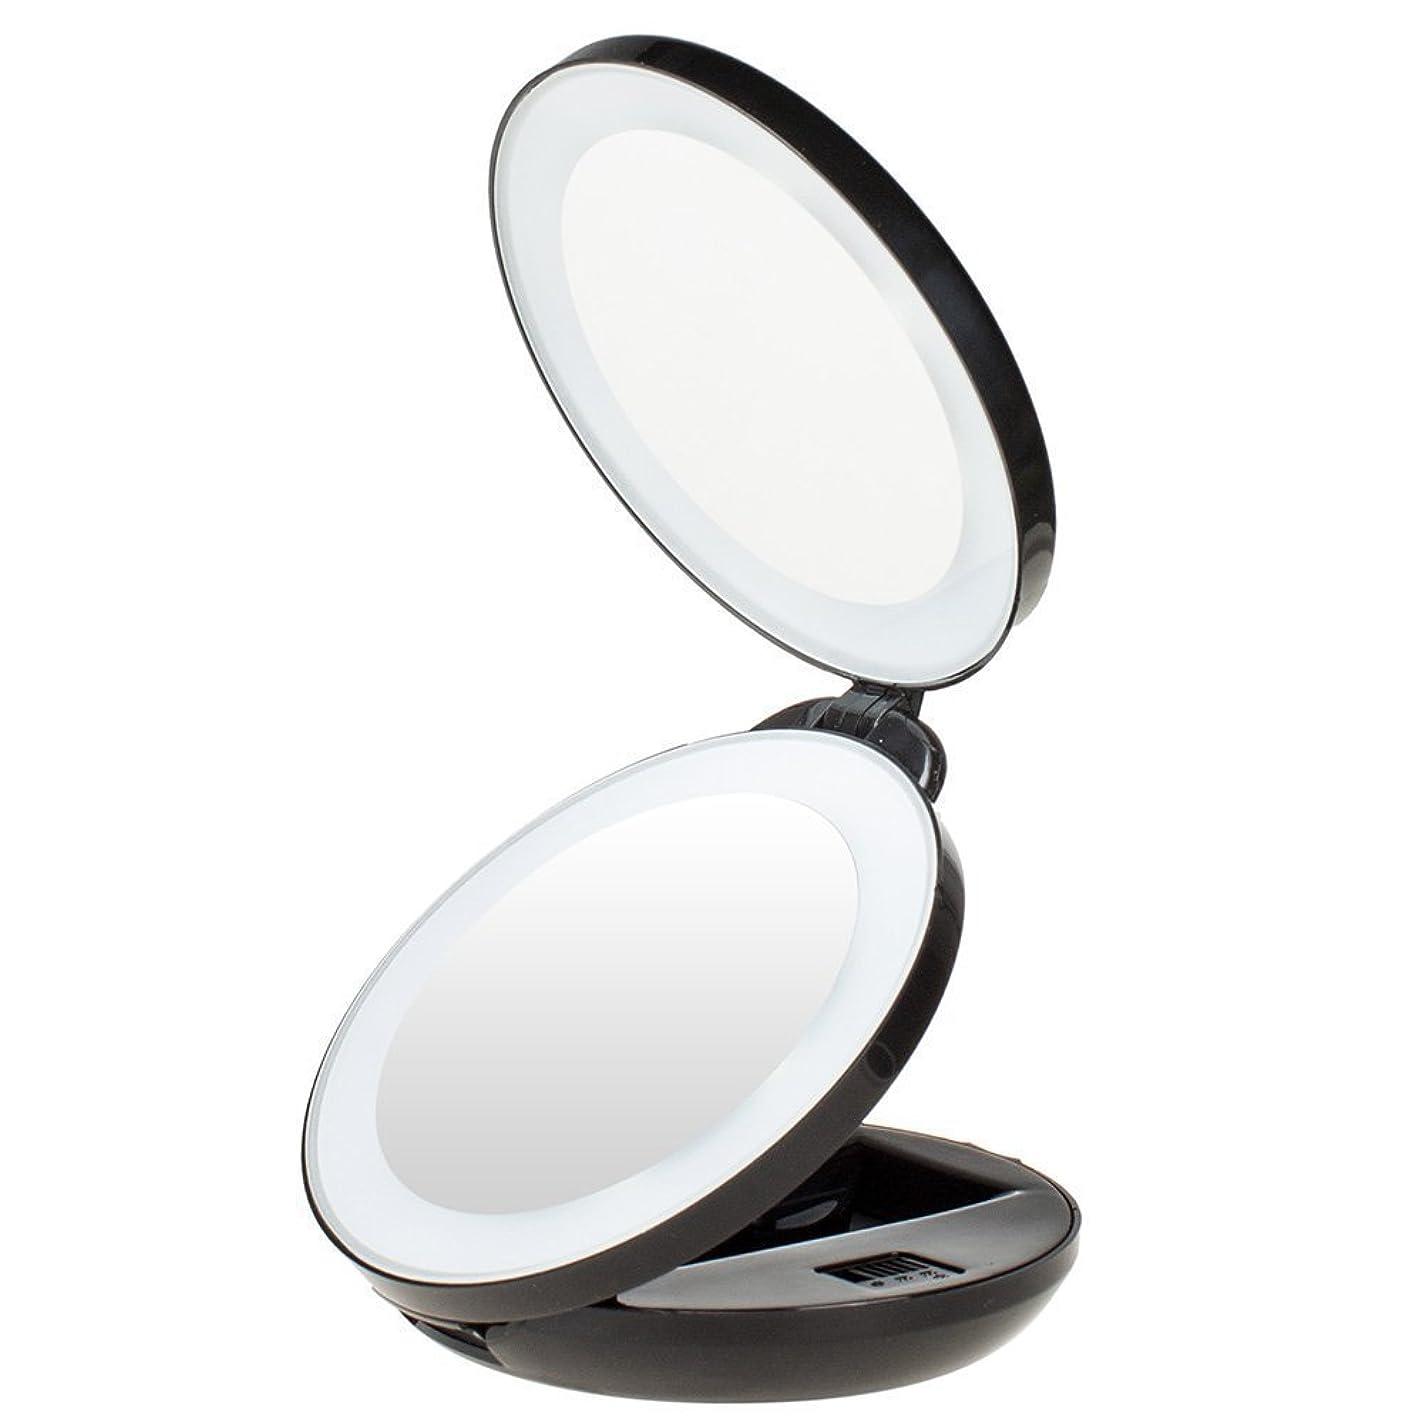 ストリーム観光に行く玉KEDSUM 両面化粧鏡 コンパクトミラー 手鏡 LED化粧鏡 等倍鏡+10倍拡大鏡 LEDミラー 角度調整 折り畳み 丸型 おしゃれ ハンド 携帯ミラー 旅行ミラー 女優ミラー